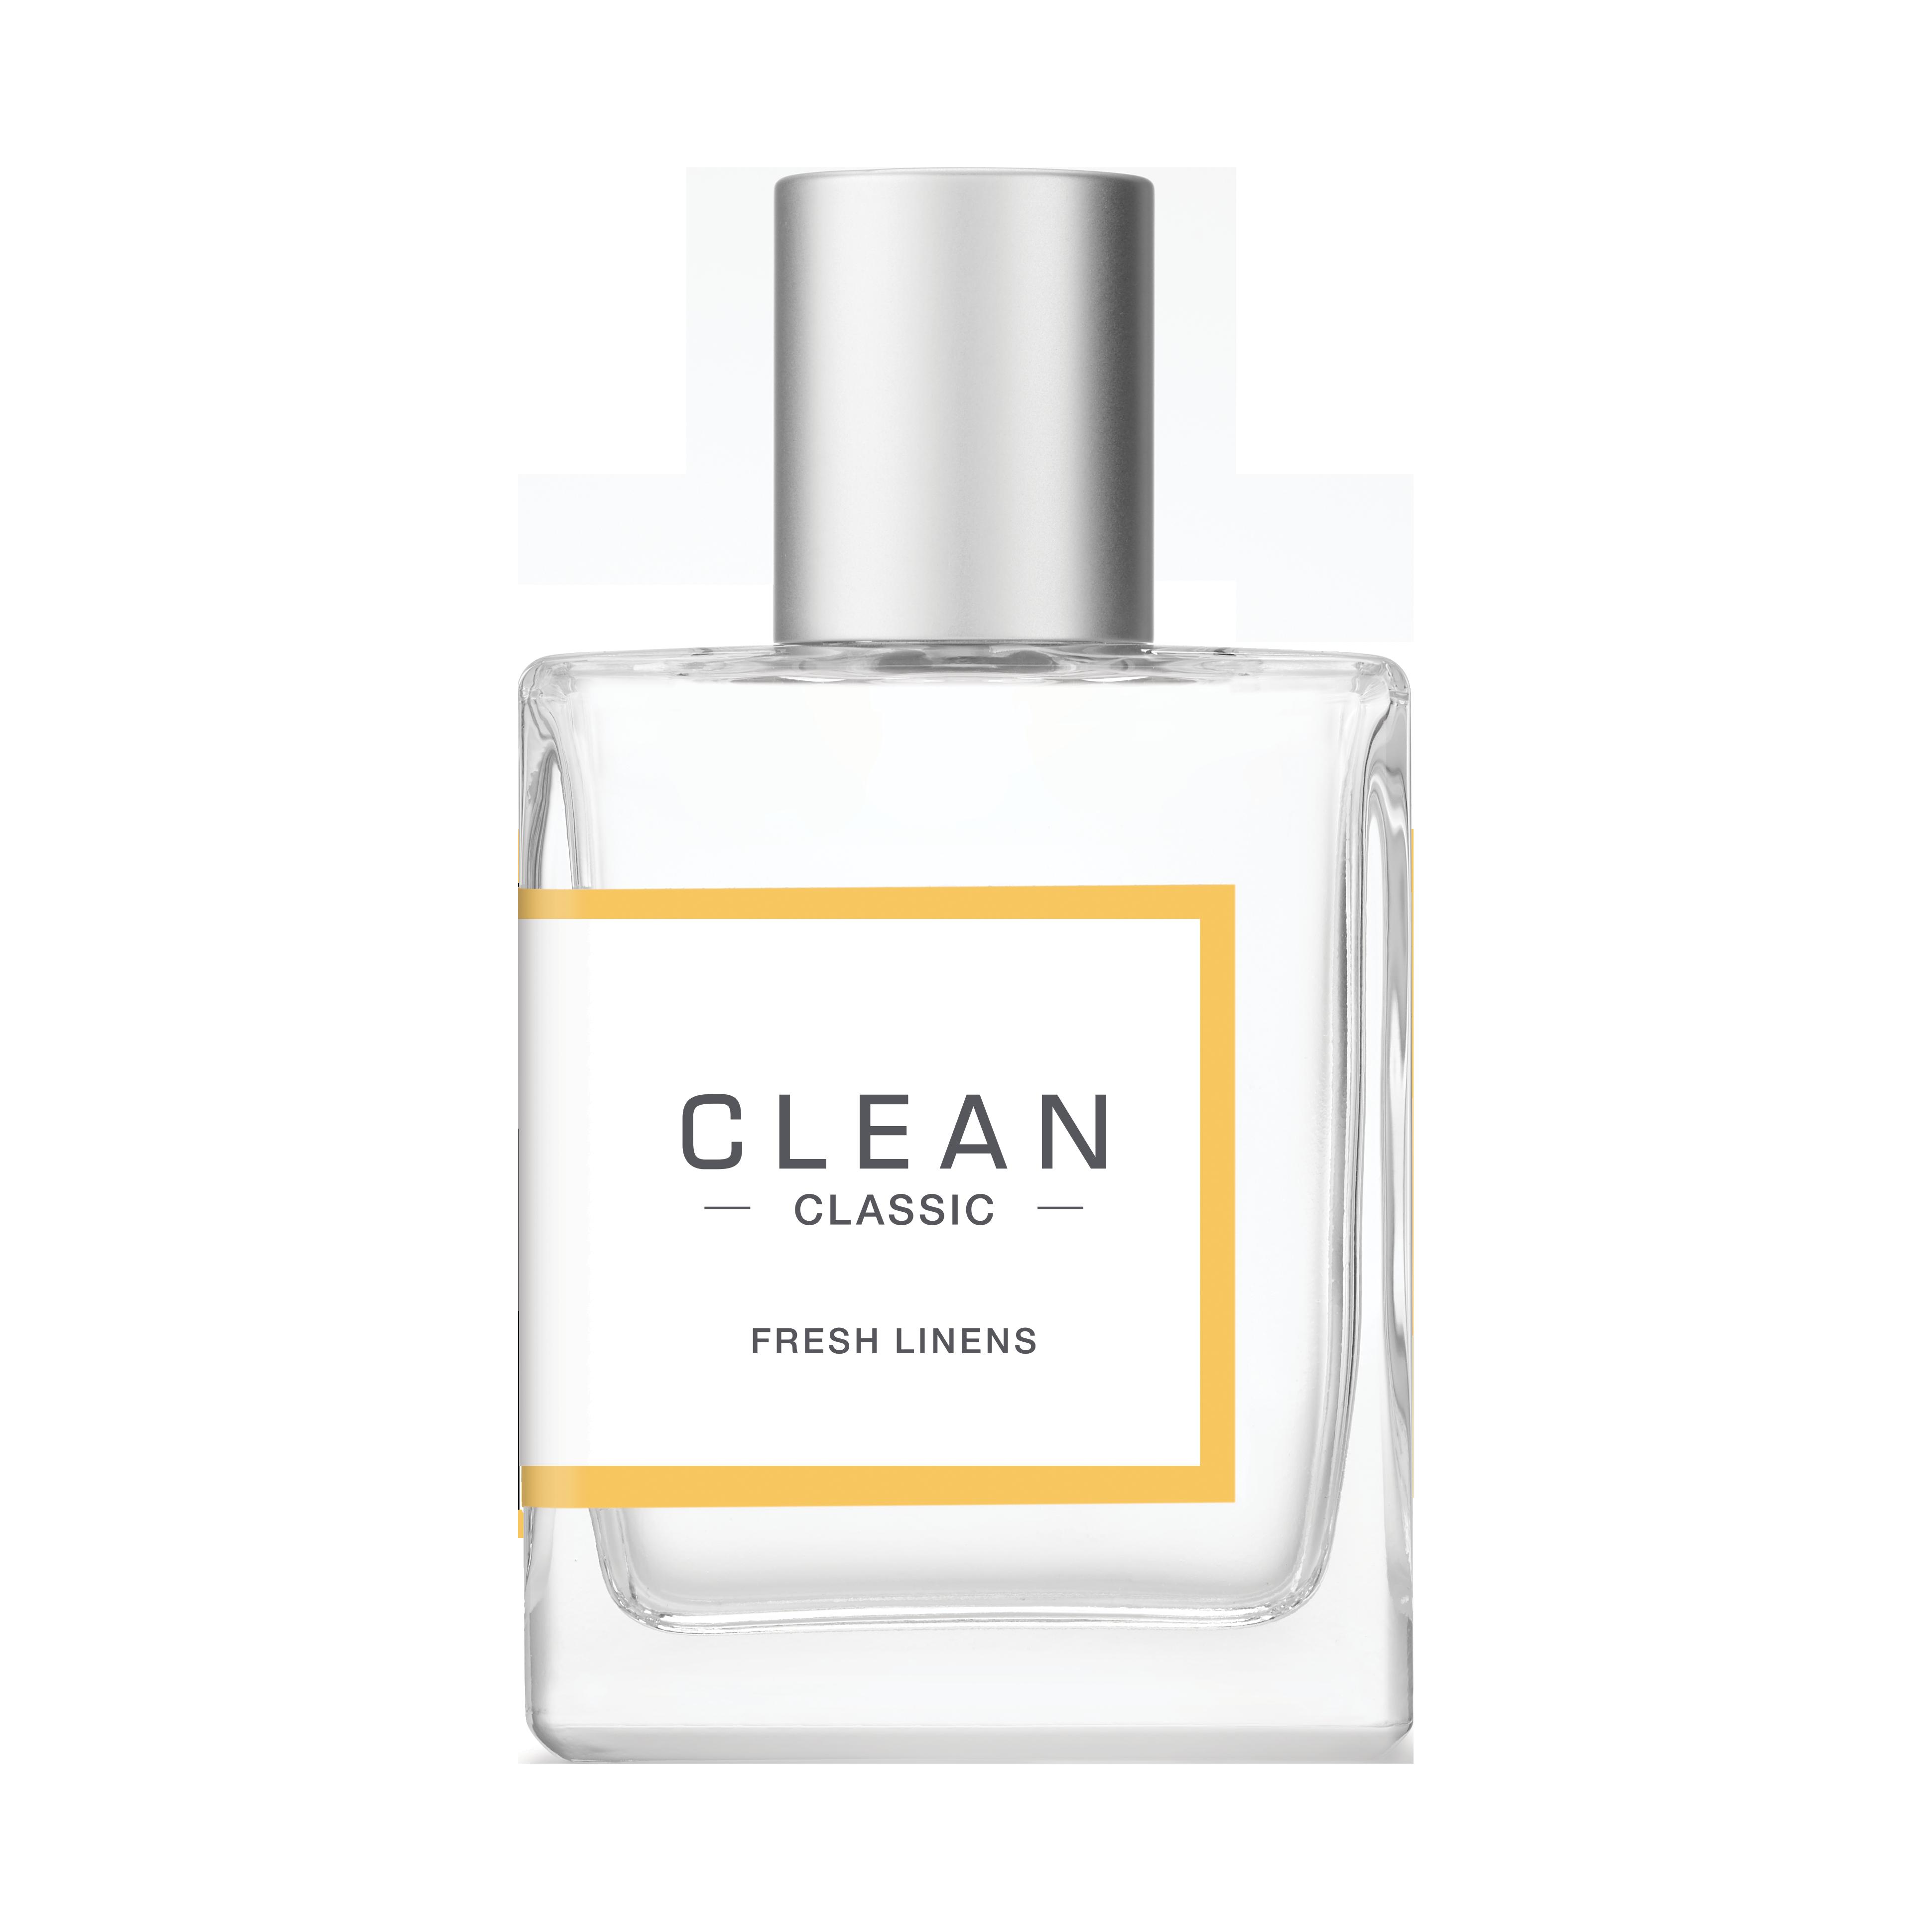 Clean - Fresh Linens EDP 30 ml